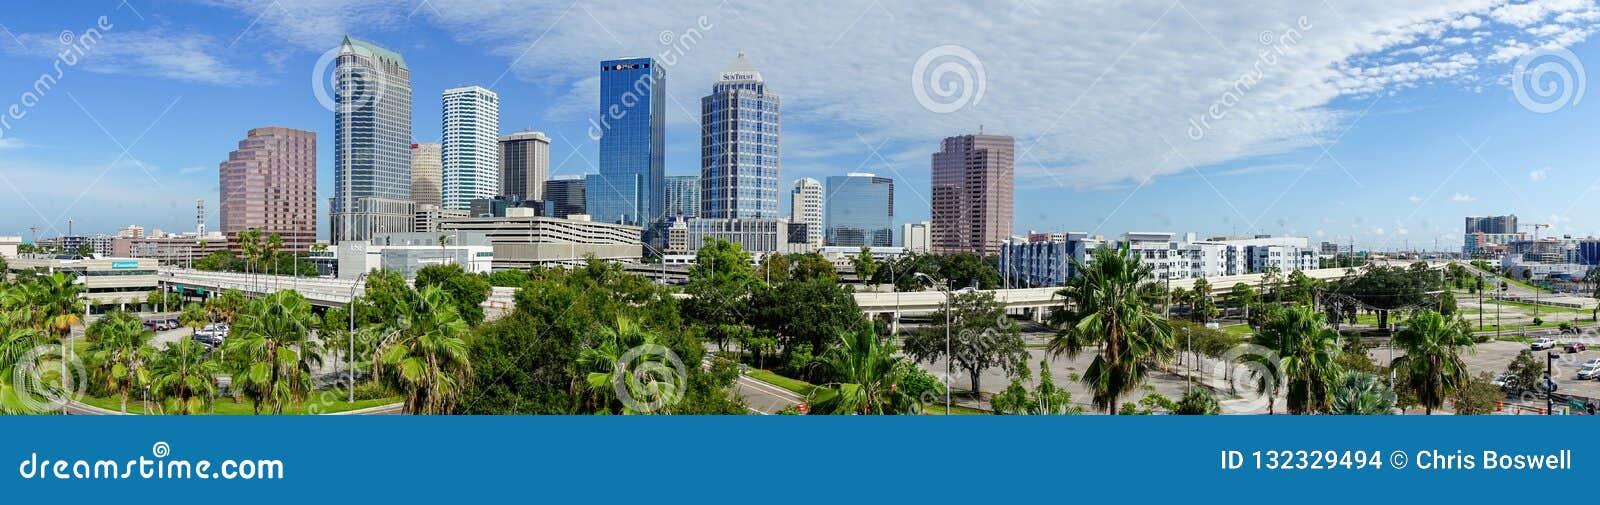 Skyline do centro da cidade em um panorama longo Tampa Florida